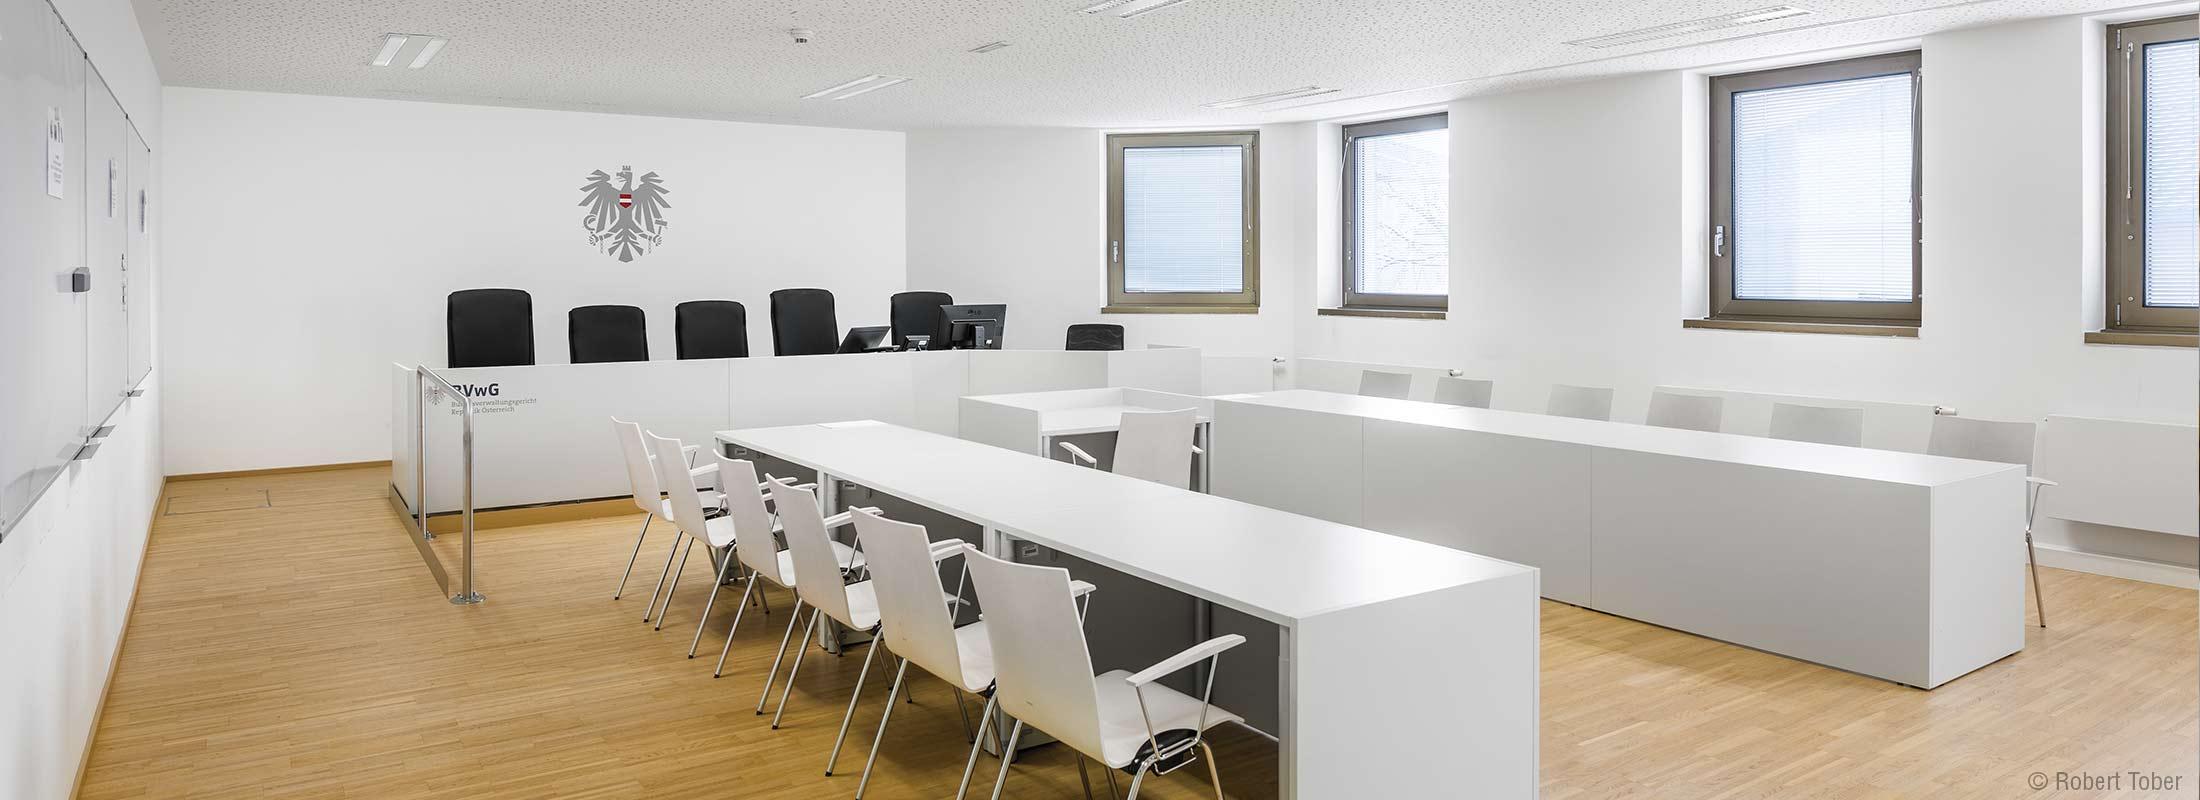 Bundesverwaltungsgericht Verhandlungssaal mit dem Österreichischen Adler © Robert Tober